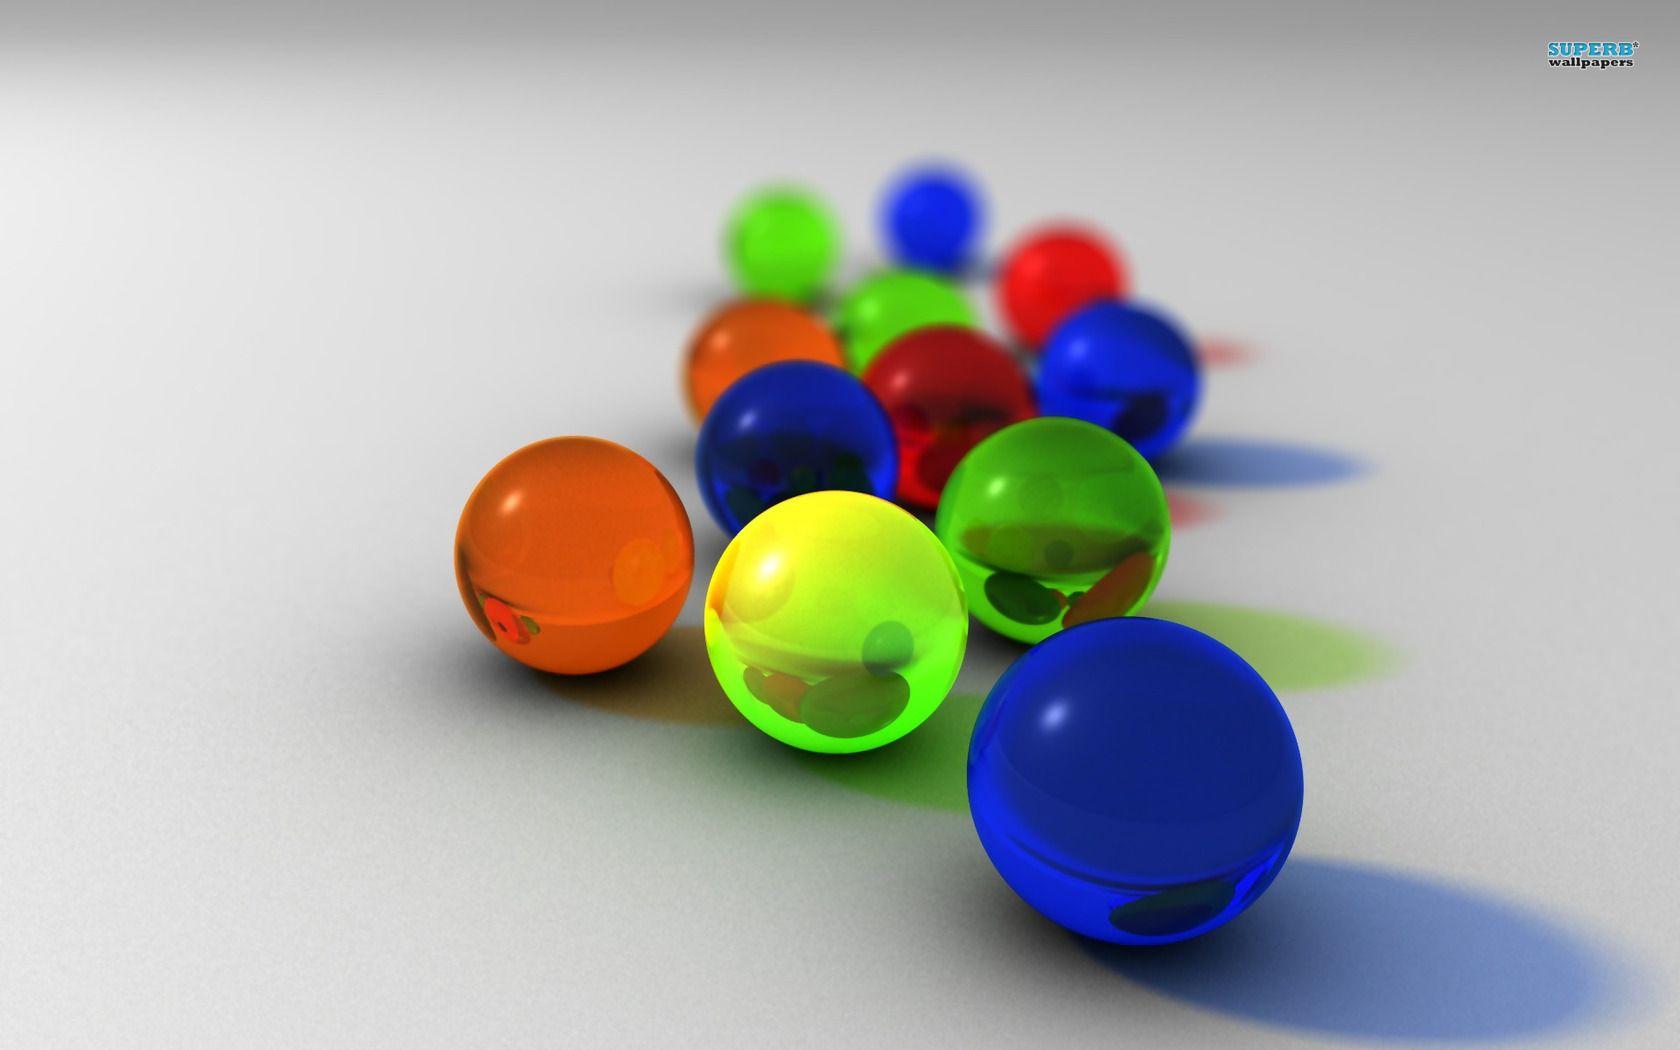 Must see Wallpaper Marble Ball - 5edd0cb391fb204bad7d05f6209f53f2  Trends_95584.jpg